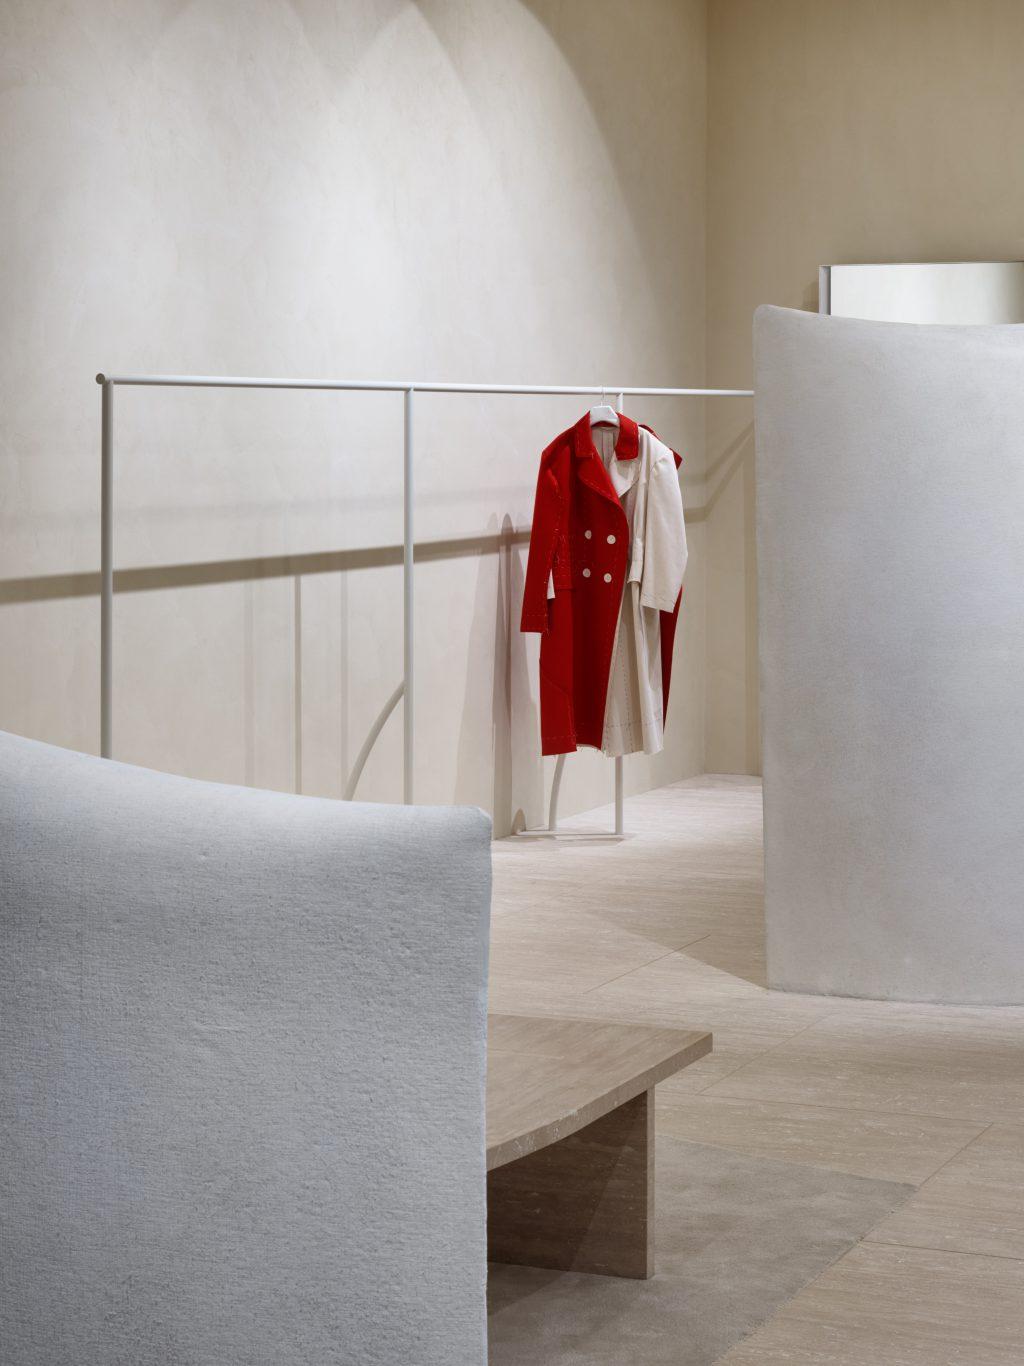 """アンヌ・ホルトロップ率いるオランダの建築家集団、Studio Anne Holtropがデザインした内装。石膏そのものをむき出しにした壁が体現するのは、〈メゾン マルジェラ〉の哲学のひとつである、通常は内側に隠されているものを、新たなデザインとして生まれ変わらせる""""アノニミティ・オブ・ザ・ライニング""""。<br />"""